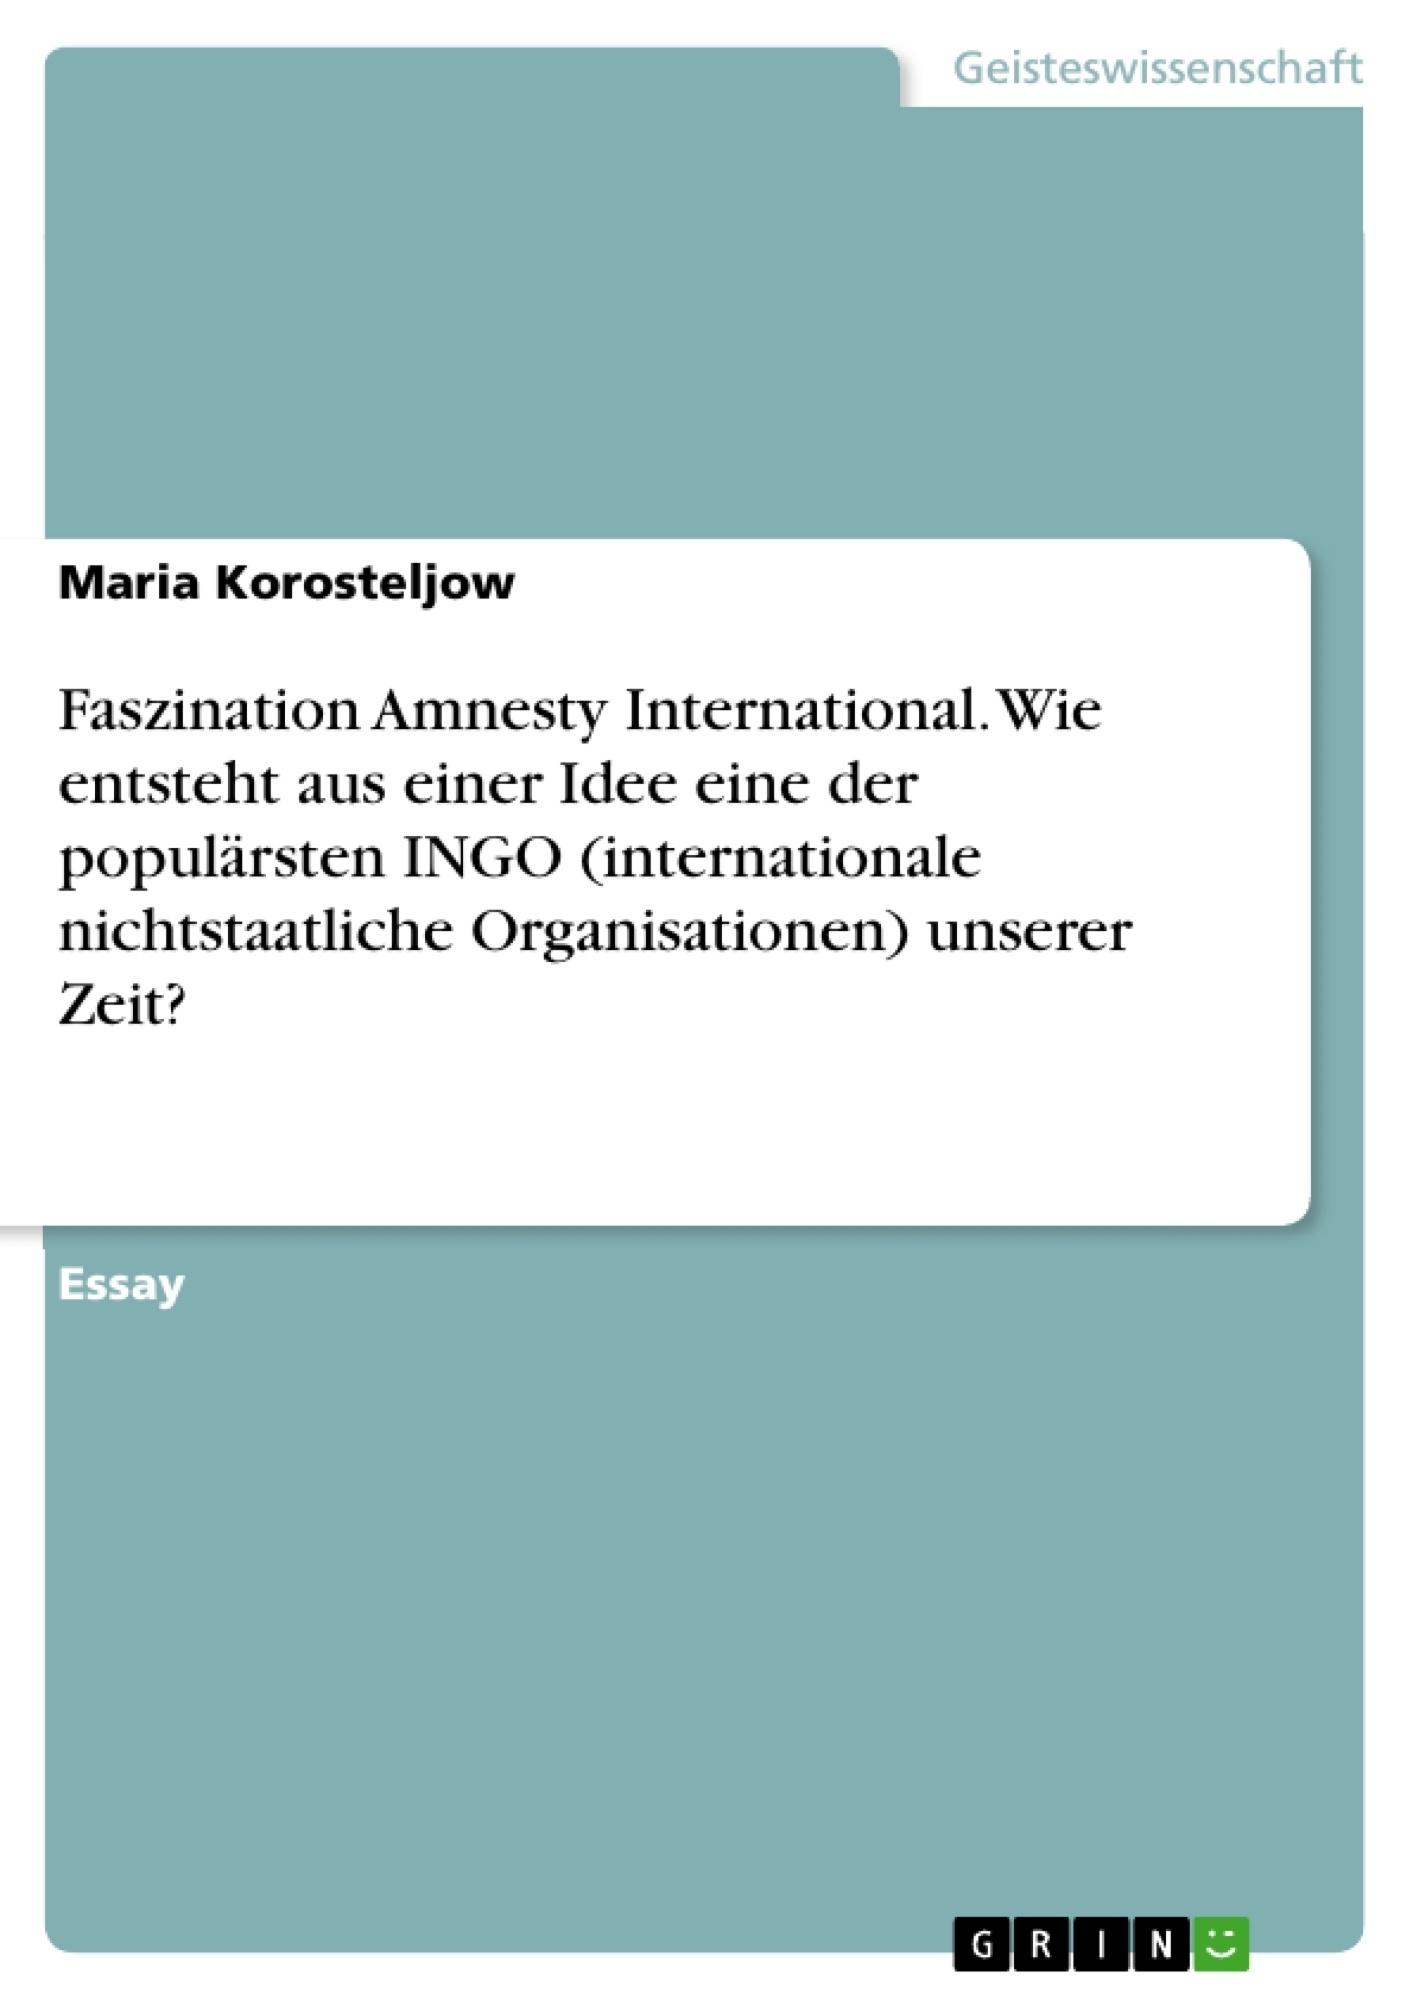 Titel: Faszination Amnesty International. Wie entsteht aus einer Idee eine der populärsten INGO (internationale nichtstaatliche Organisationen) unserer Zeit?